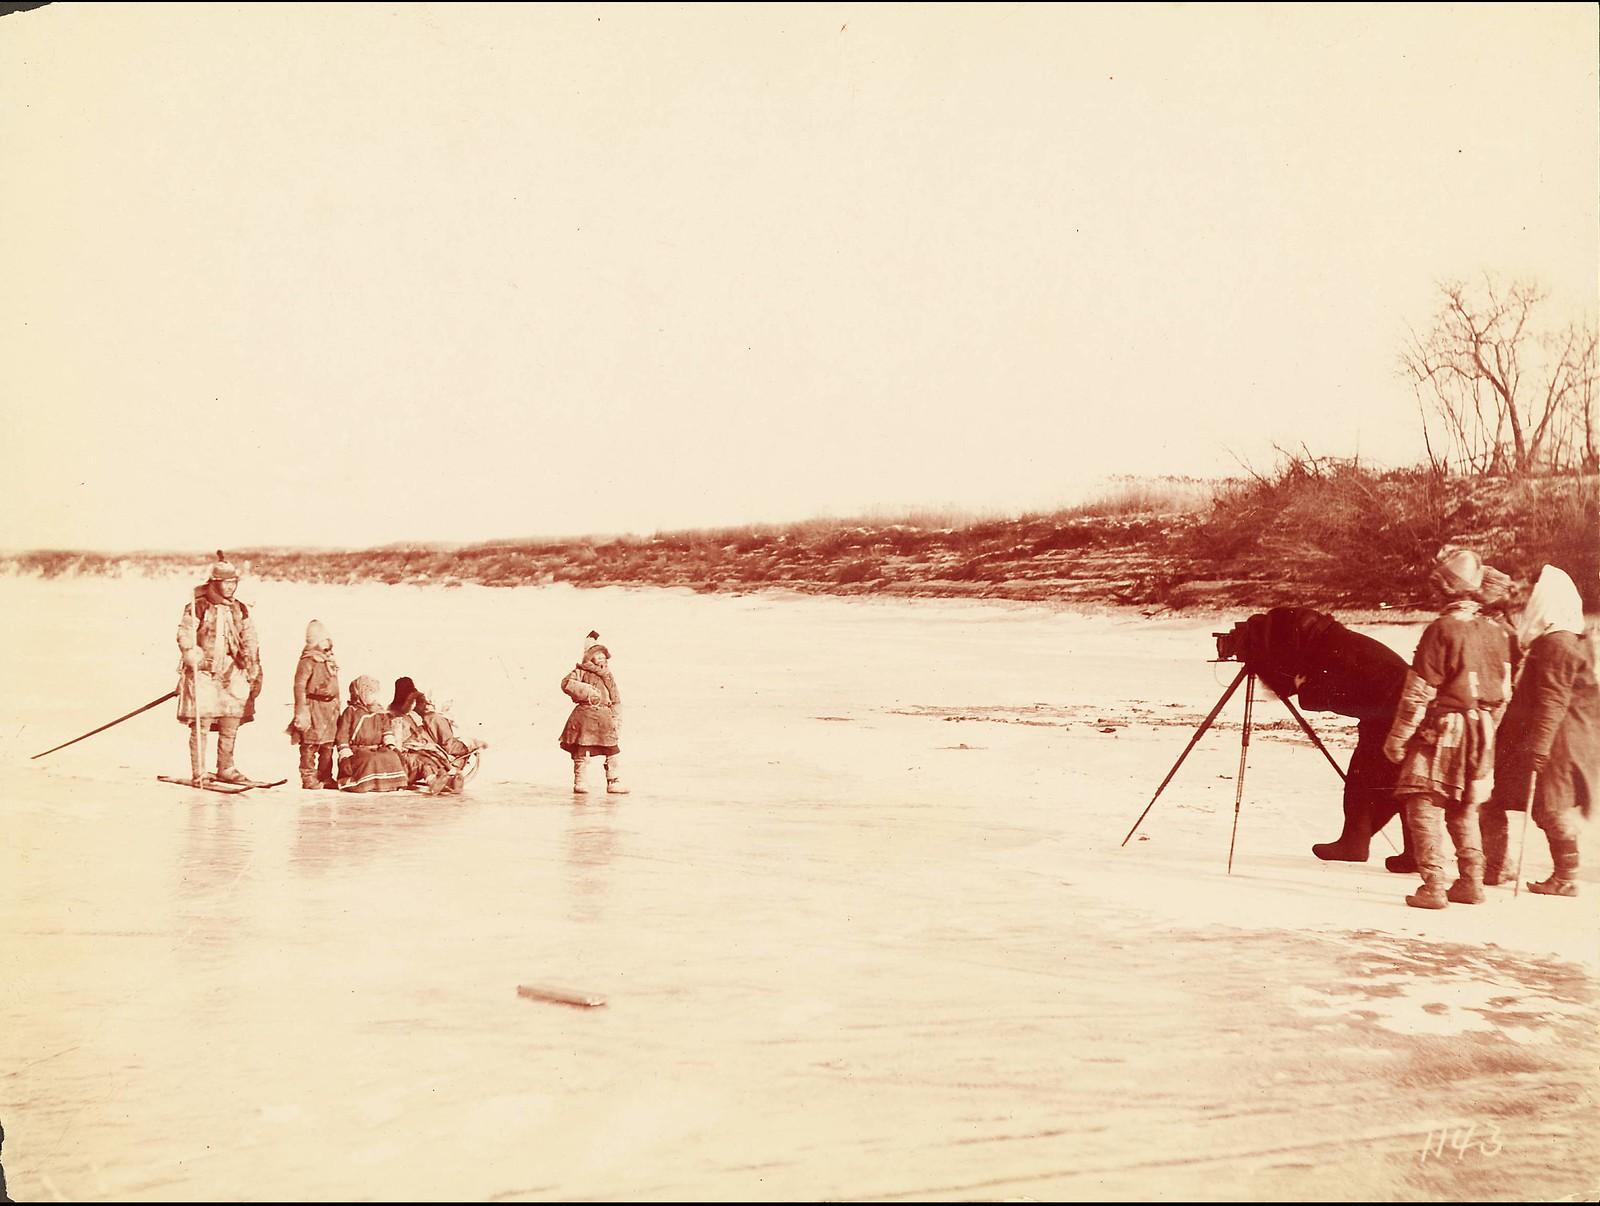 Среди гольдов на Нижнем Амуре. Фотосъемка семейной группы. 19 ноября 1895